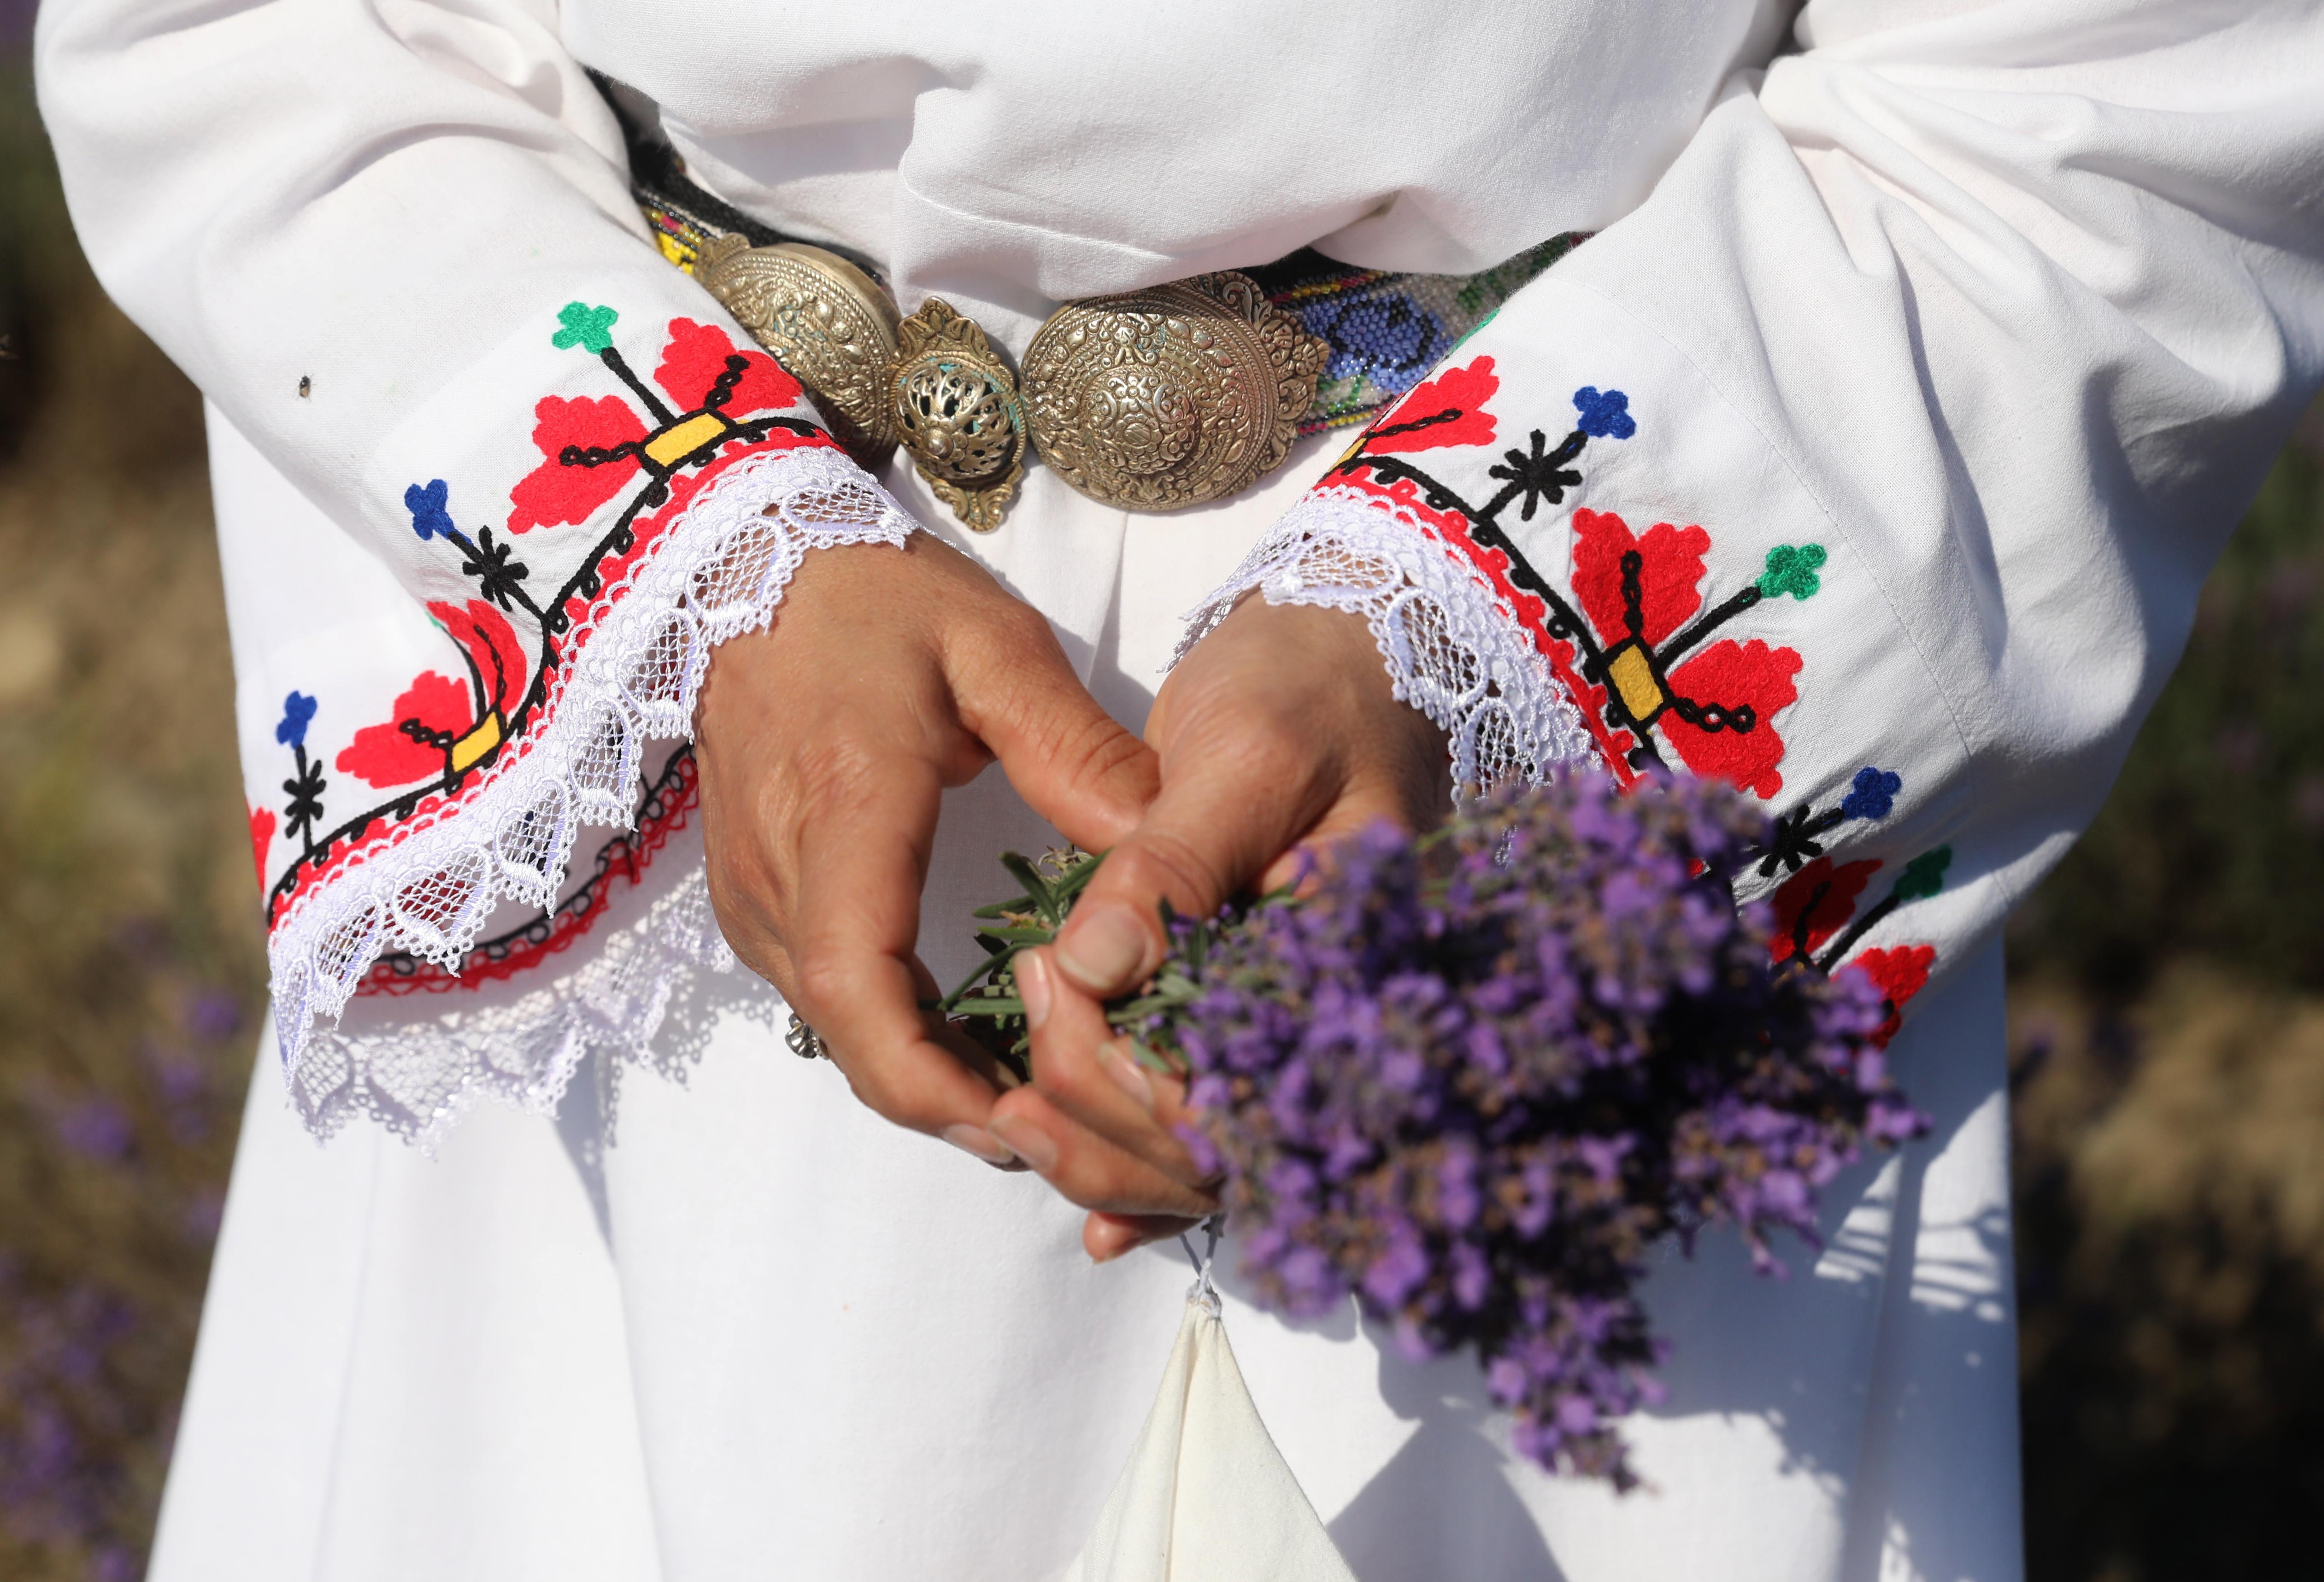 """Това е празник, който има дълбоки корени, свързани с вярванията в чудодейната лековита и любовна сила на билките, в животворната сила на водата и обреди към култа на слънцето. В двора на Патева къща самодейци пресъздадат ритуала """"Еньова буля"""" и обичая """"Жътва на Лавандула"""". Минава се за здраве през Еньовденски венец. Могат да се опитат обредни питки, направени с мълчана вода, продукти от роза и лавандула, да се дегустира чай от лавандула, гюлова ракия и ликьор."""